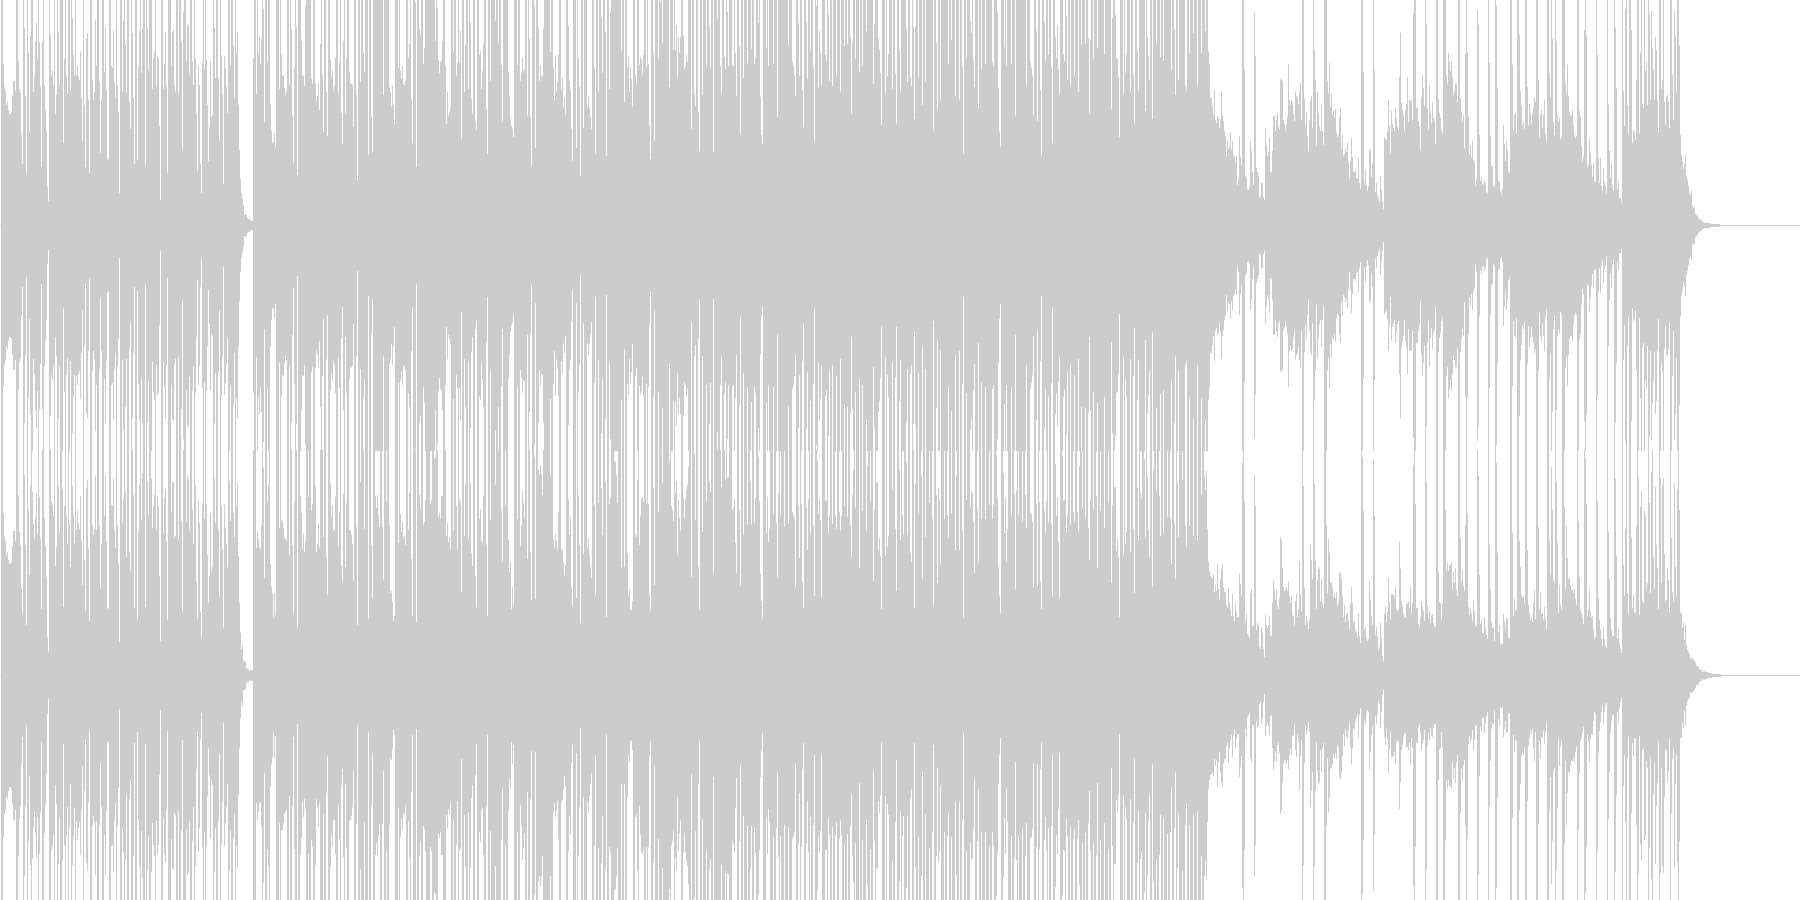 疾走感のあるジャズの未再生の波形